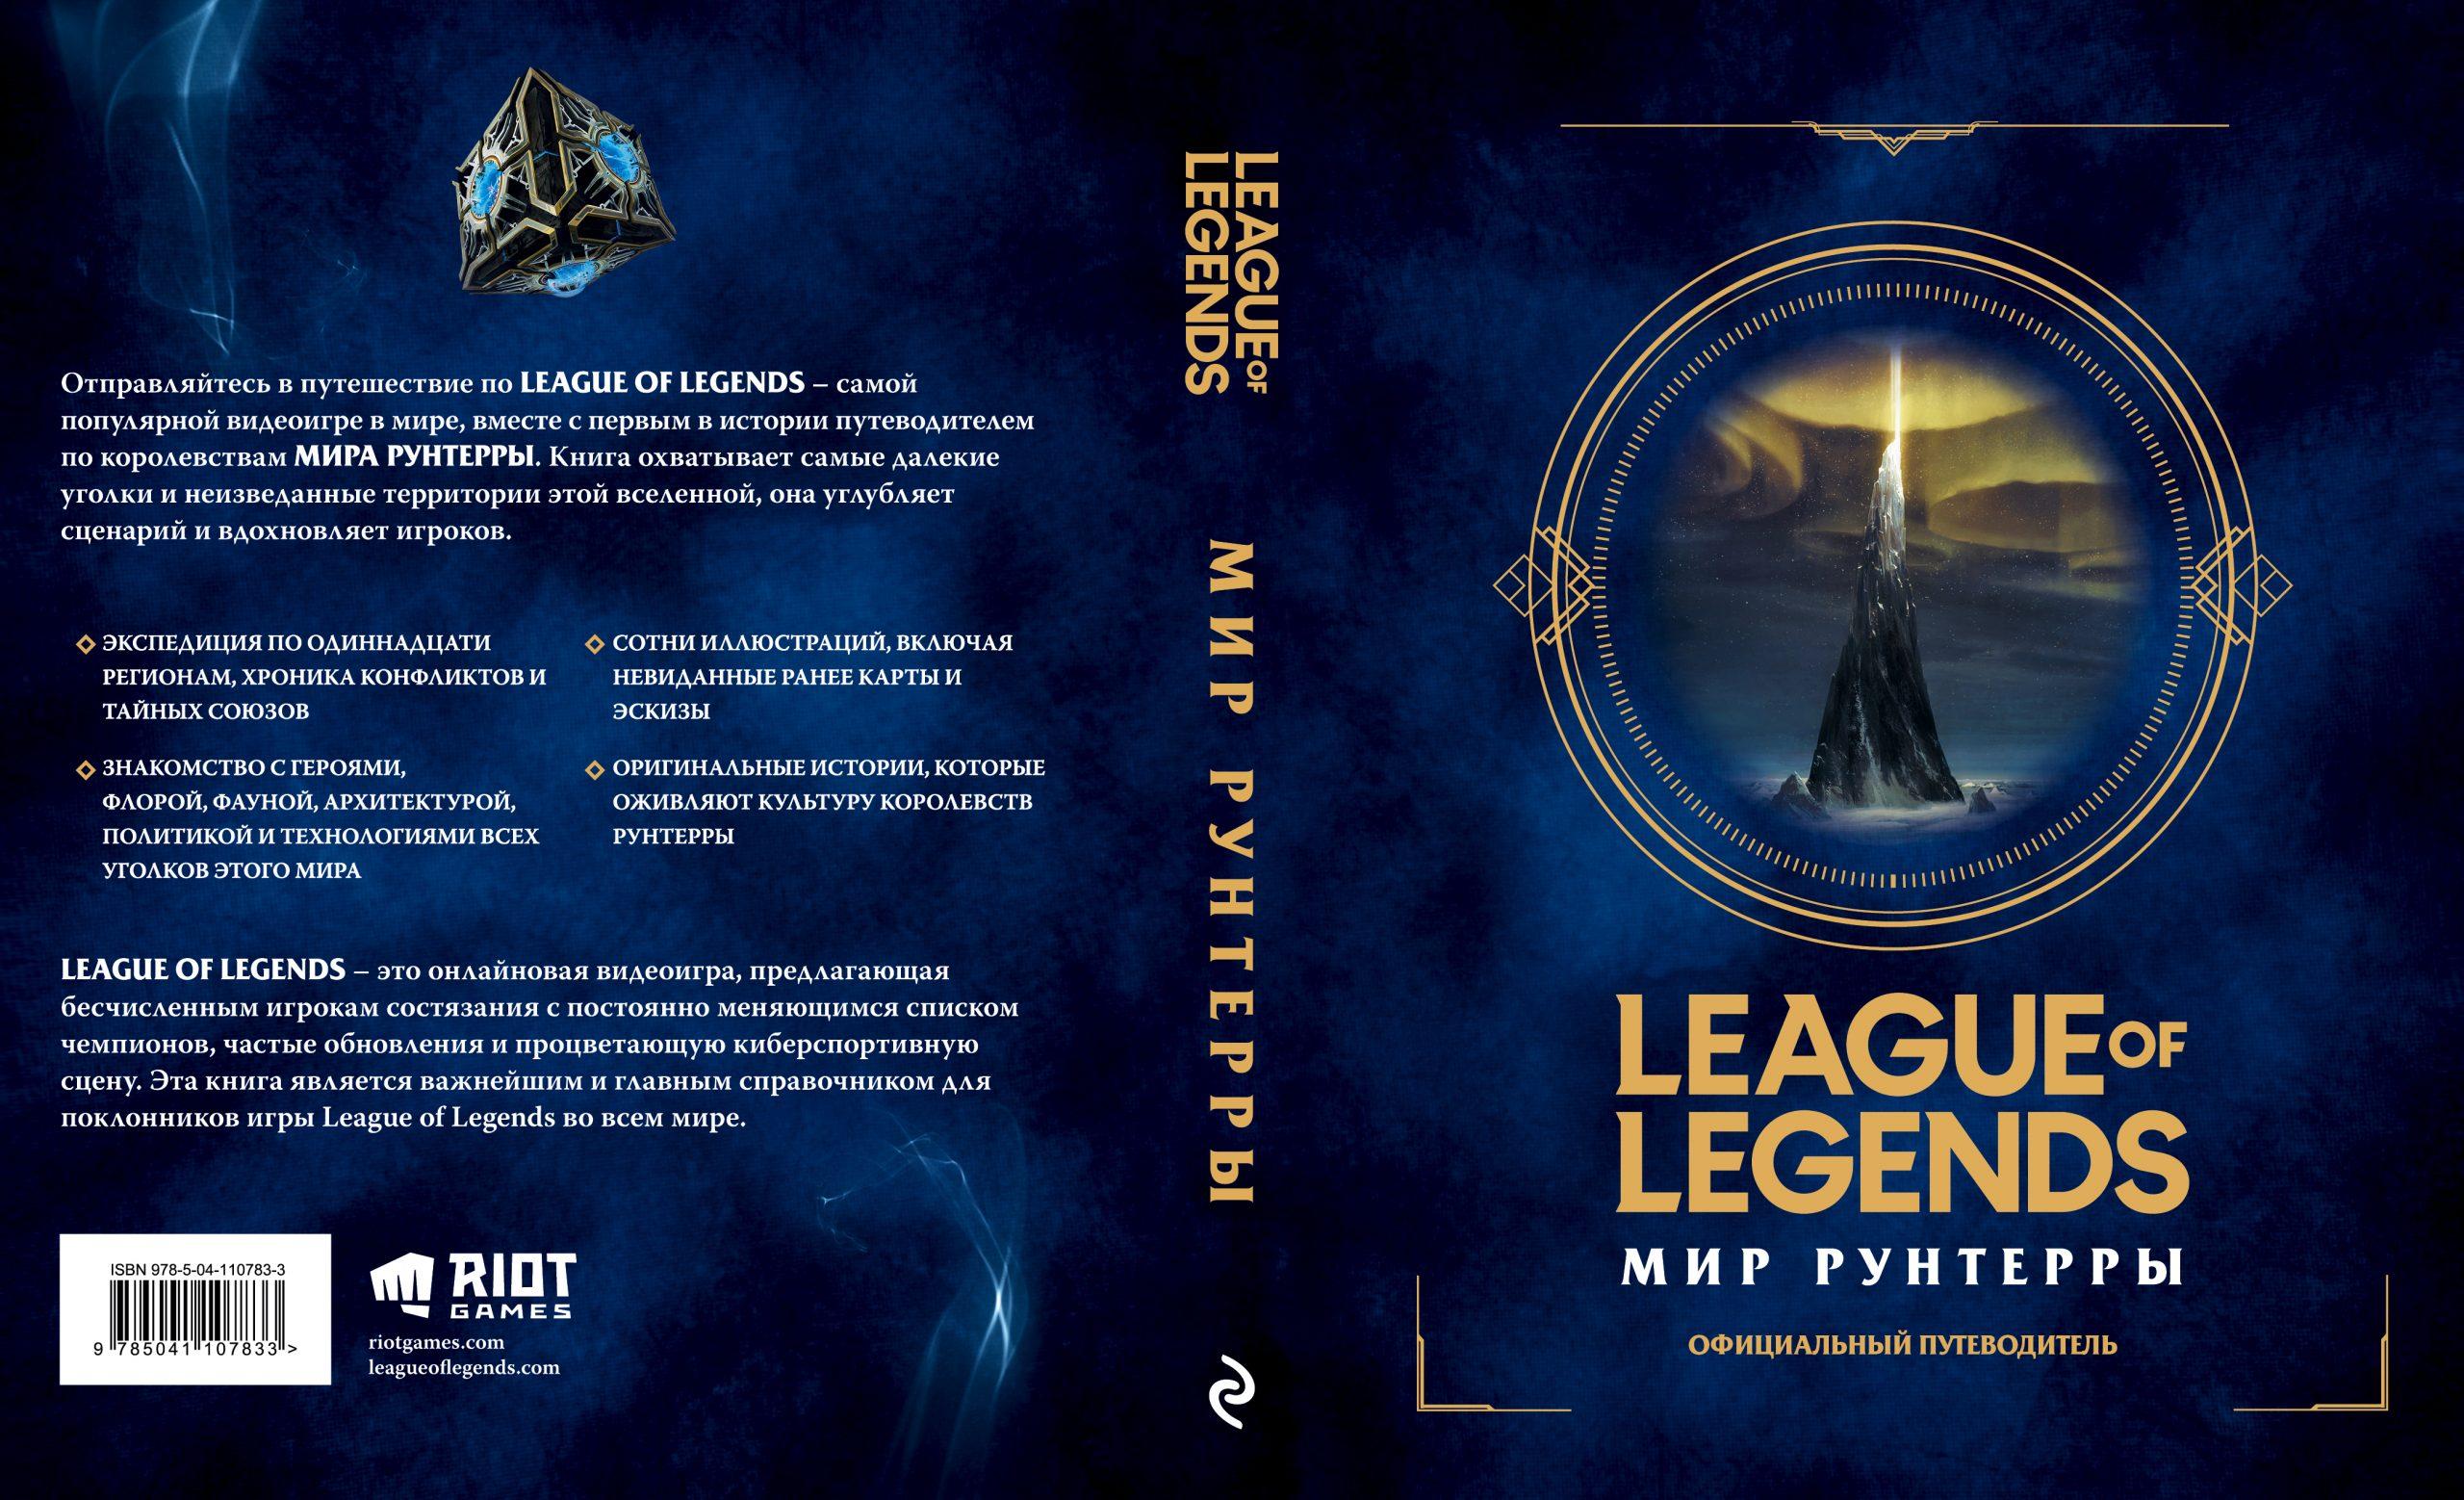 Что почитать: артбуки League of Legends и «Диво чудное. Том 2» 2